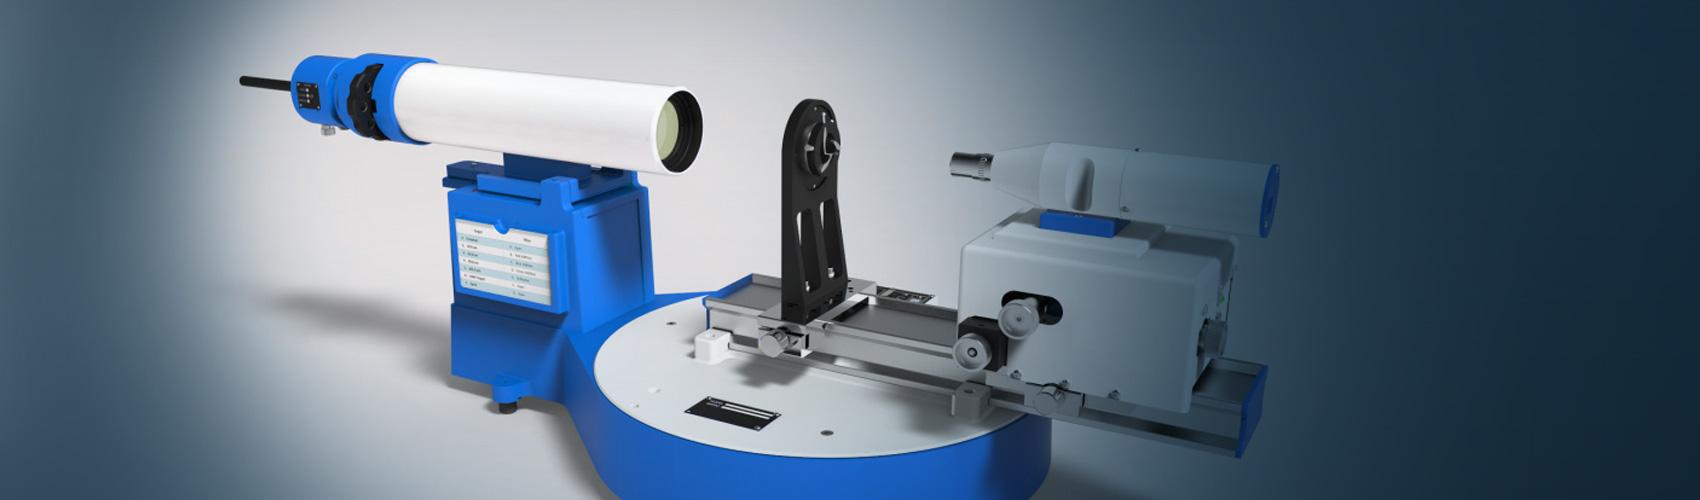 Radiographie, optique et métrologie